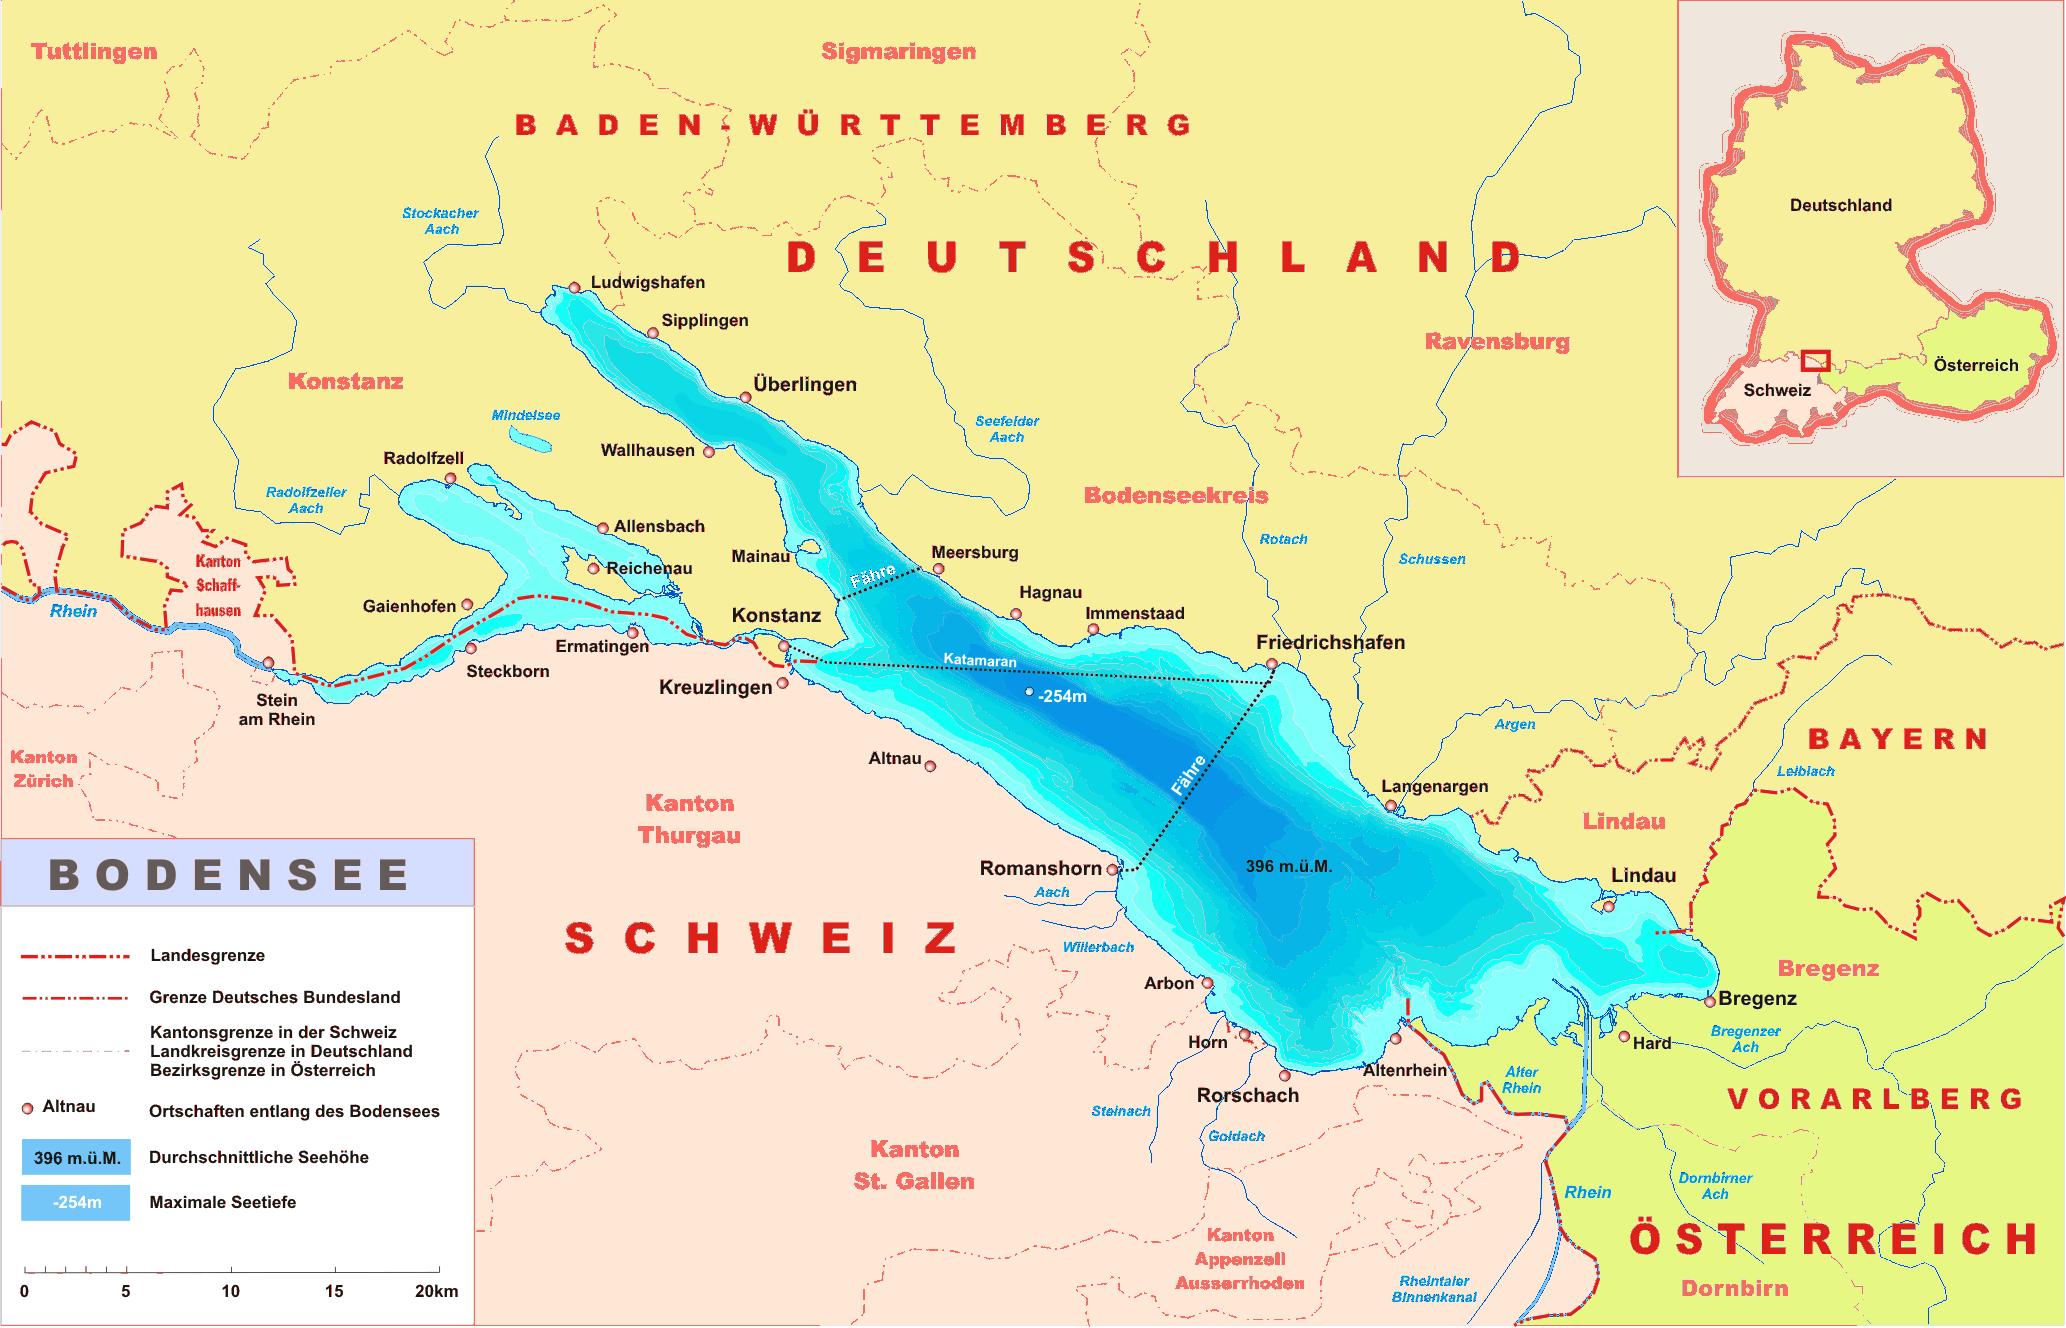 Lake Constance der Bodensee